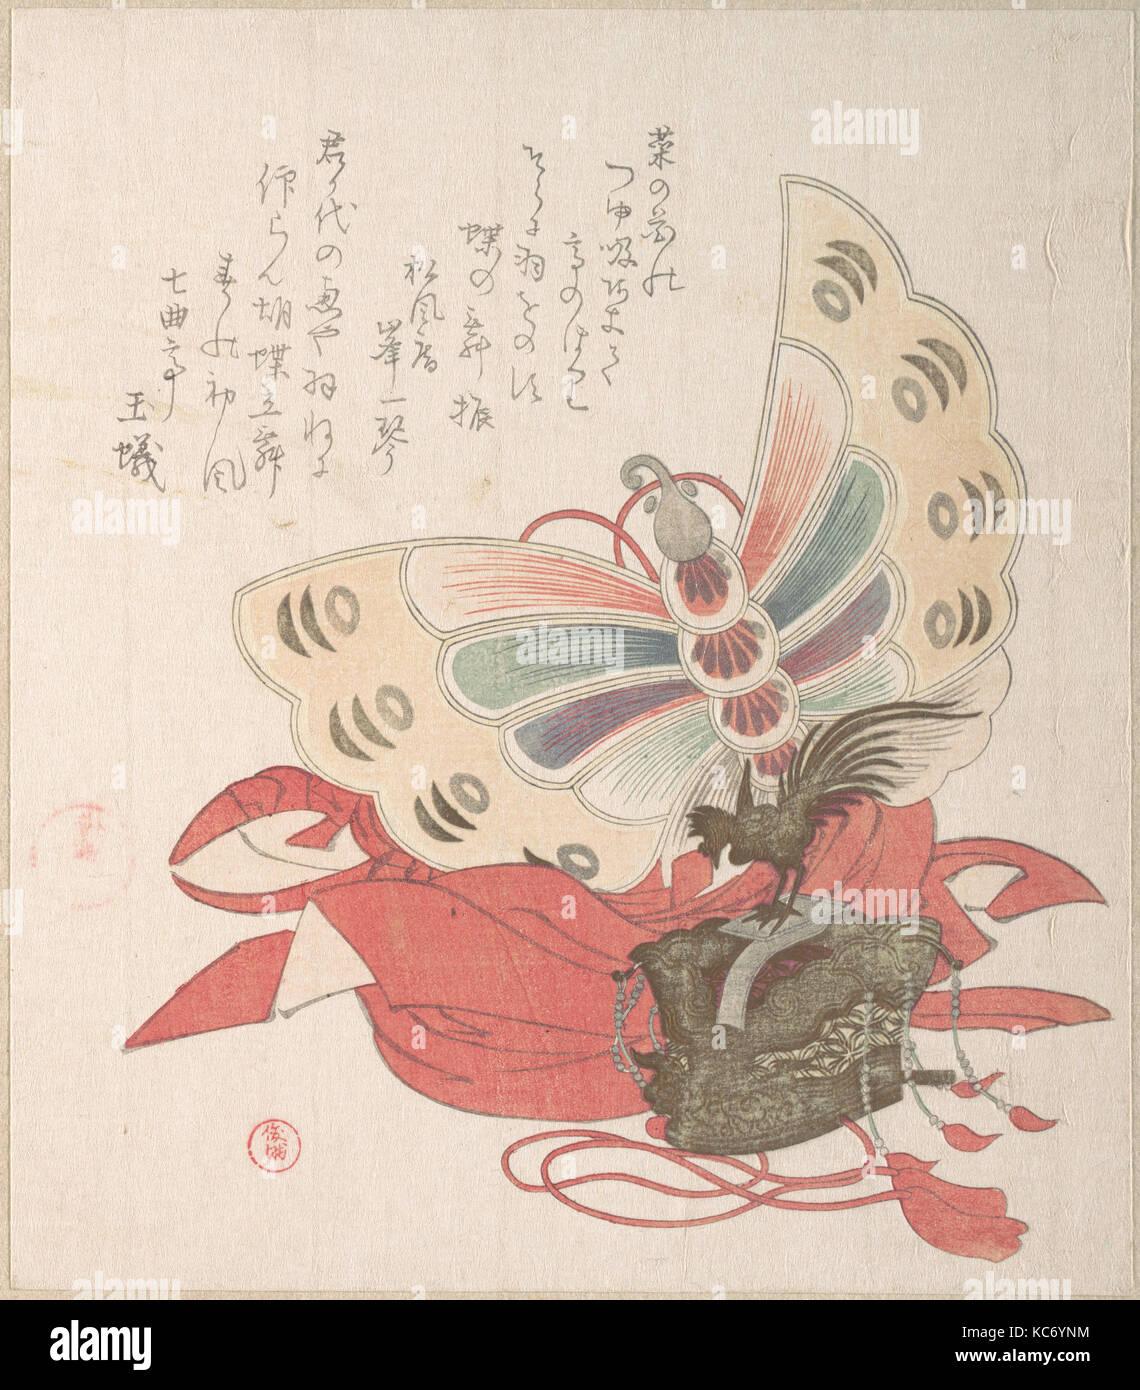 『春雨集』 摺物帖, Edo period (1615–1868), 1810s, Japan, Privately published woodblock prints (surimono) mounted in an album; - Stock Image